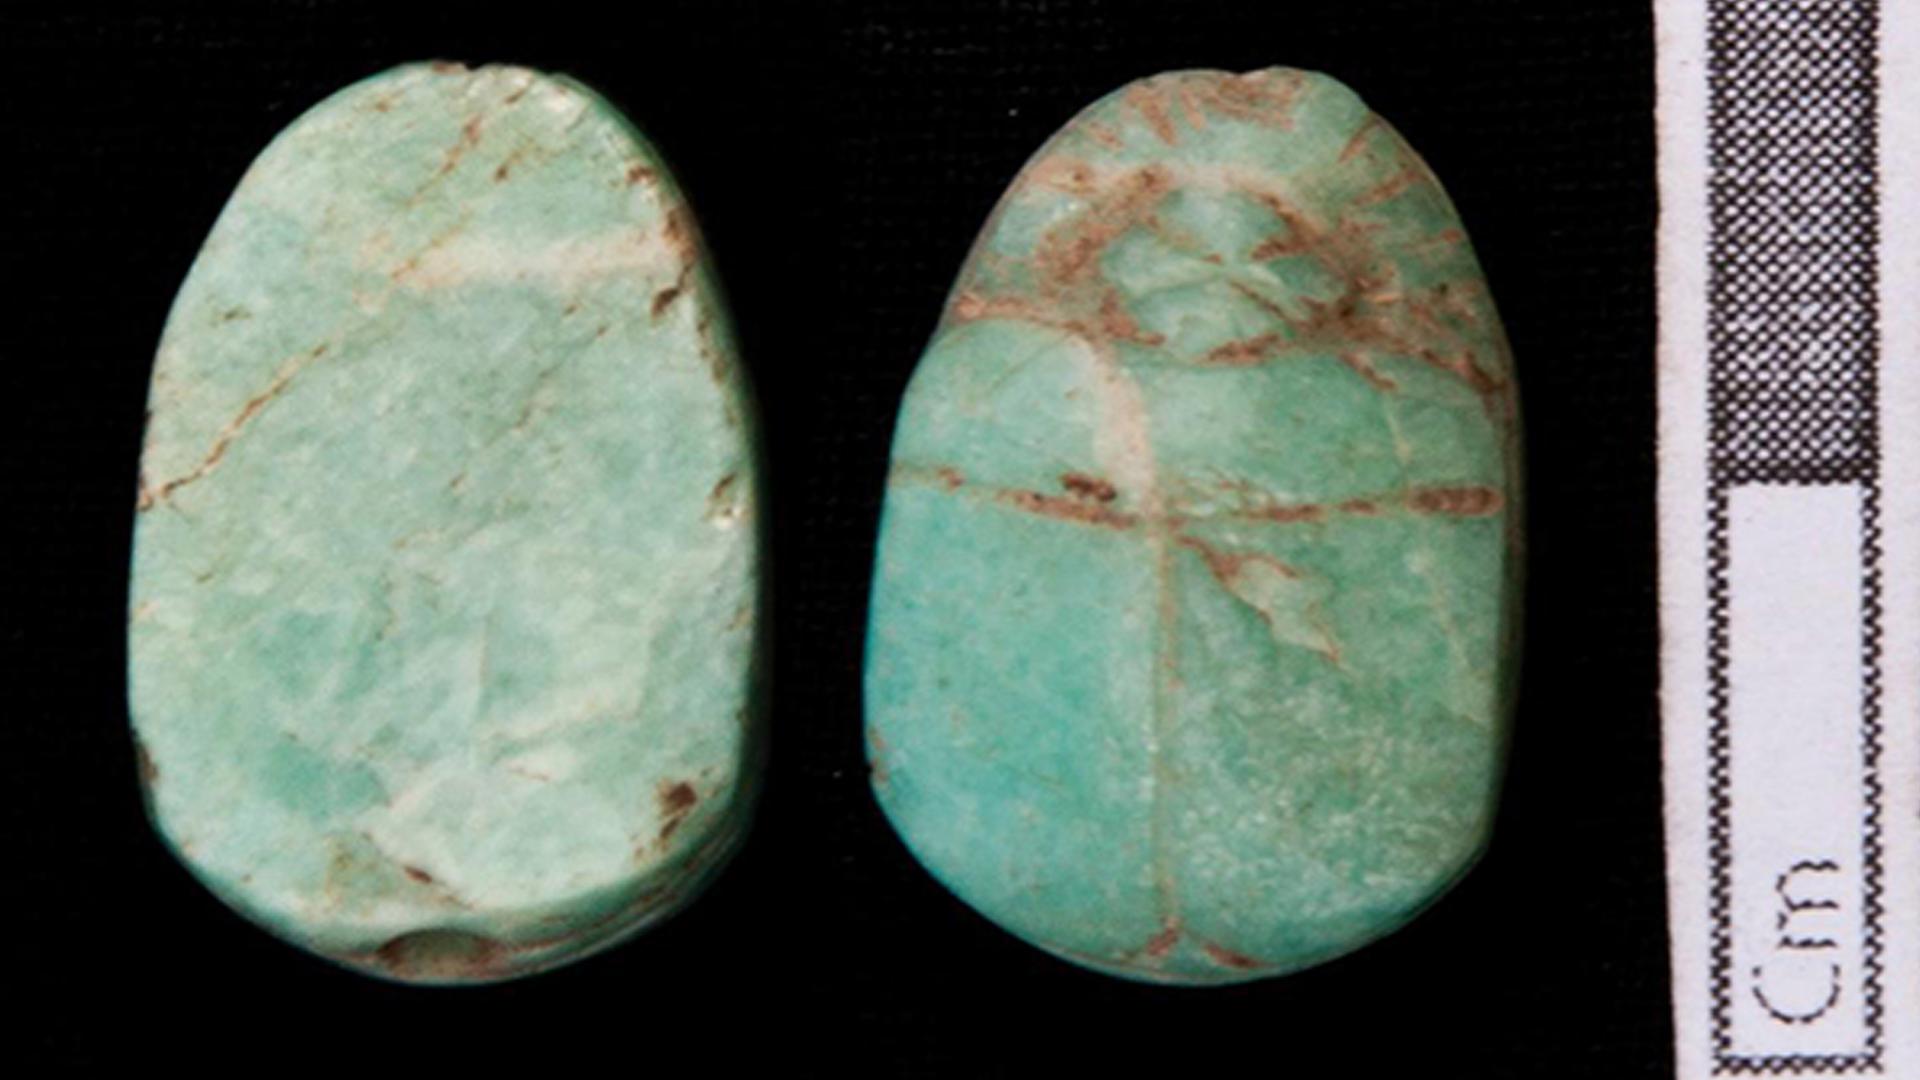 Amulettes de scarabées trouvées sur le site de sépulture.